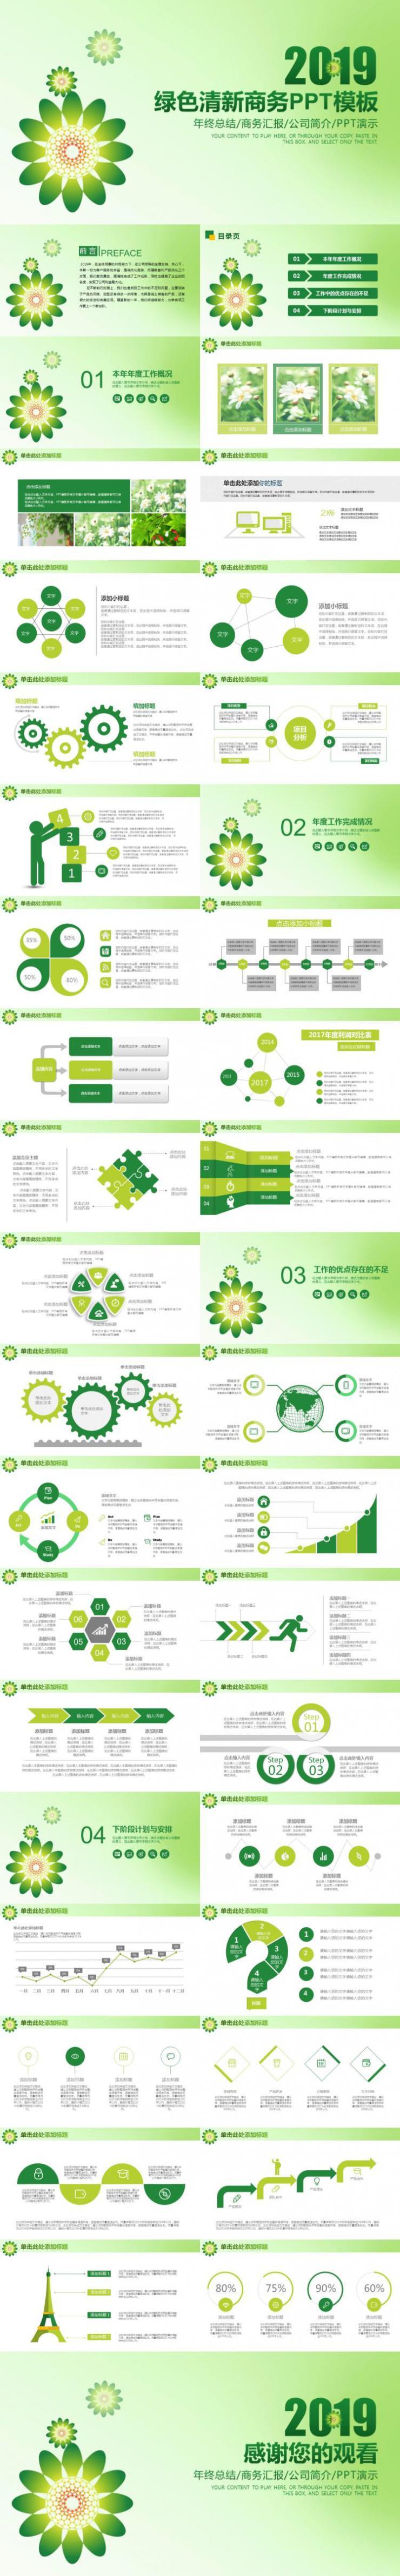 2019绿色清新商务PPT模板